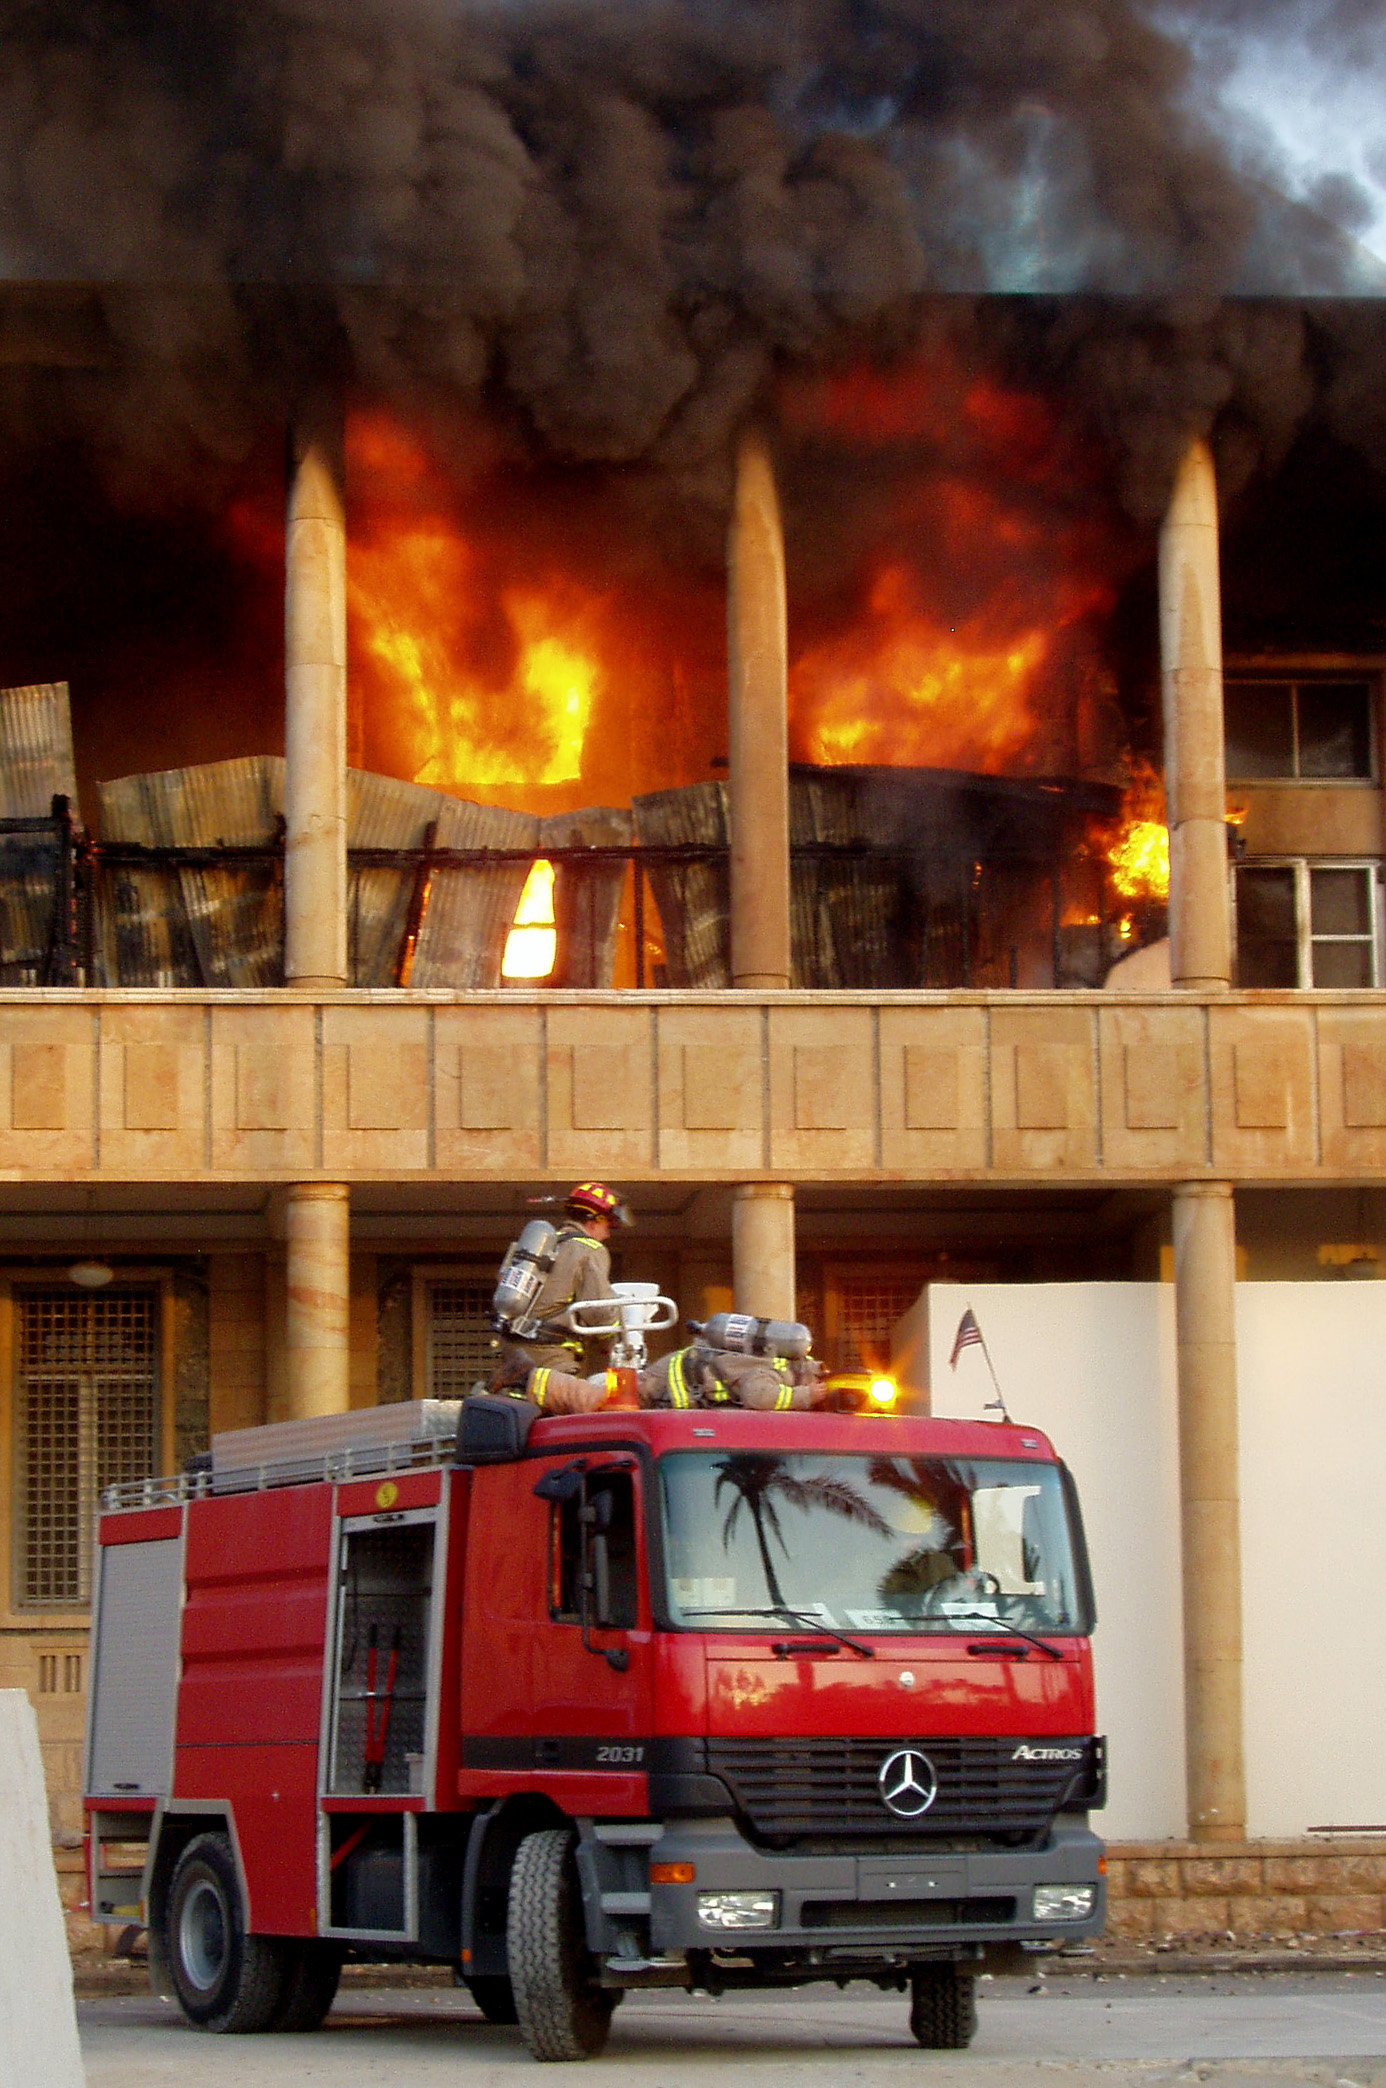 Incendie domestique, les bons reflexes